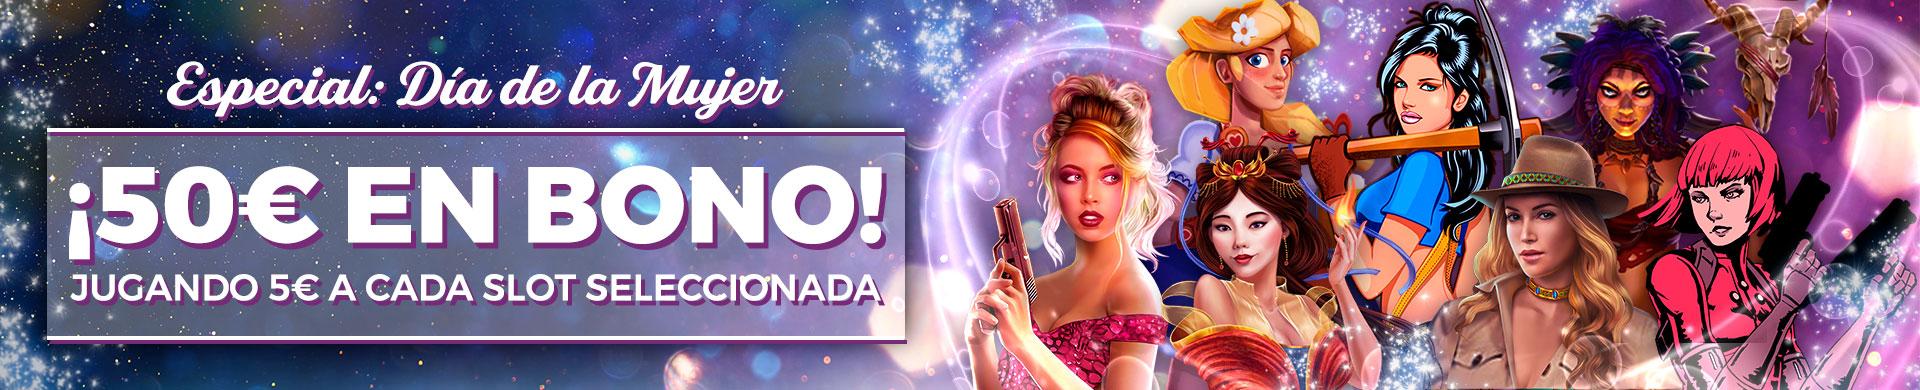 Promoción especial Día de la Mujer: Gana 50€ jugando a las Slots seleccionadas